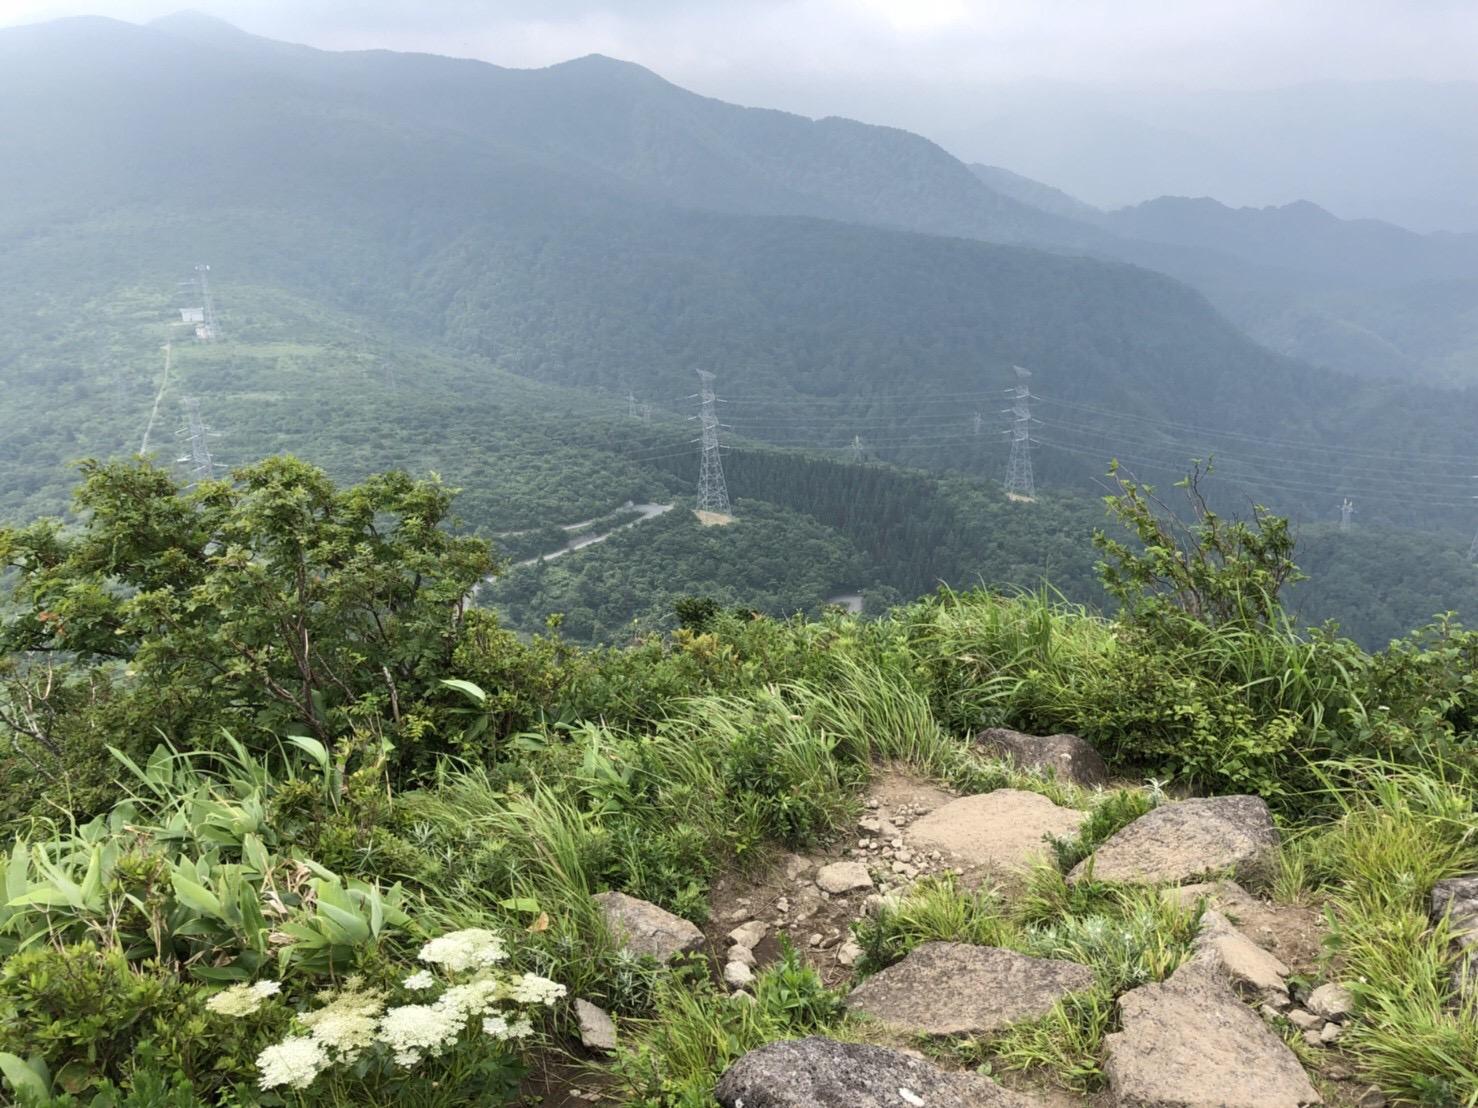 山形神室岳 山形百名山 大関山 山頂